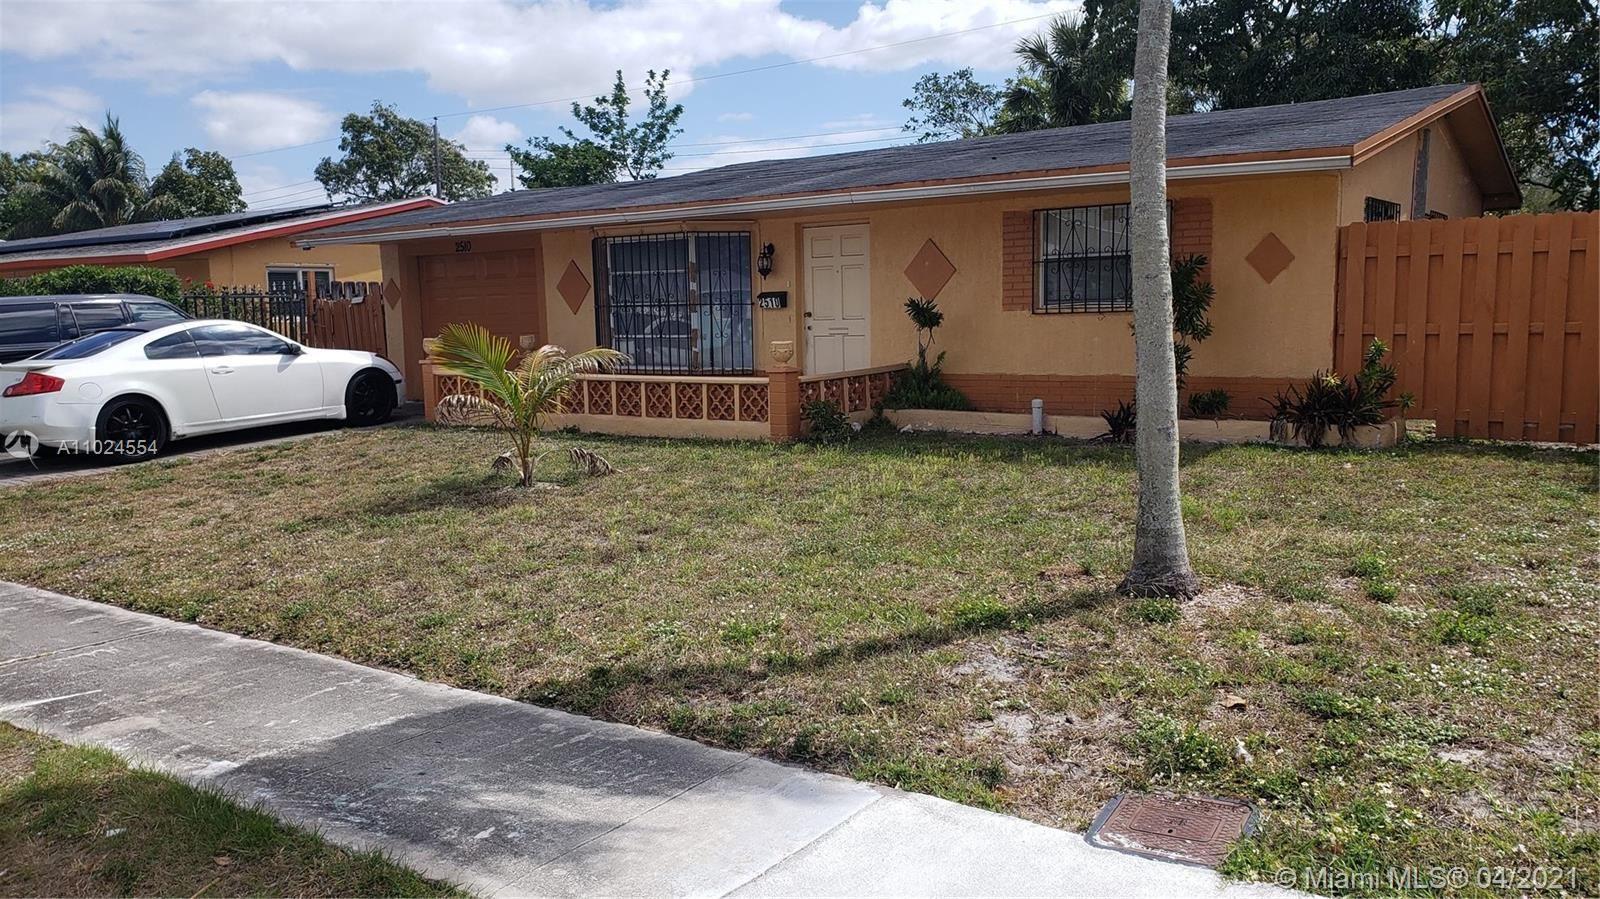 2510 NW 47th Ave, Lauderhill, FL 33313 - #: A11024554